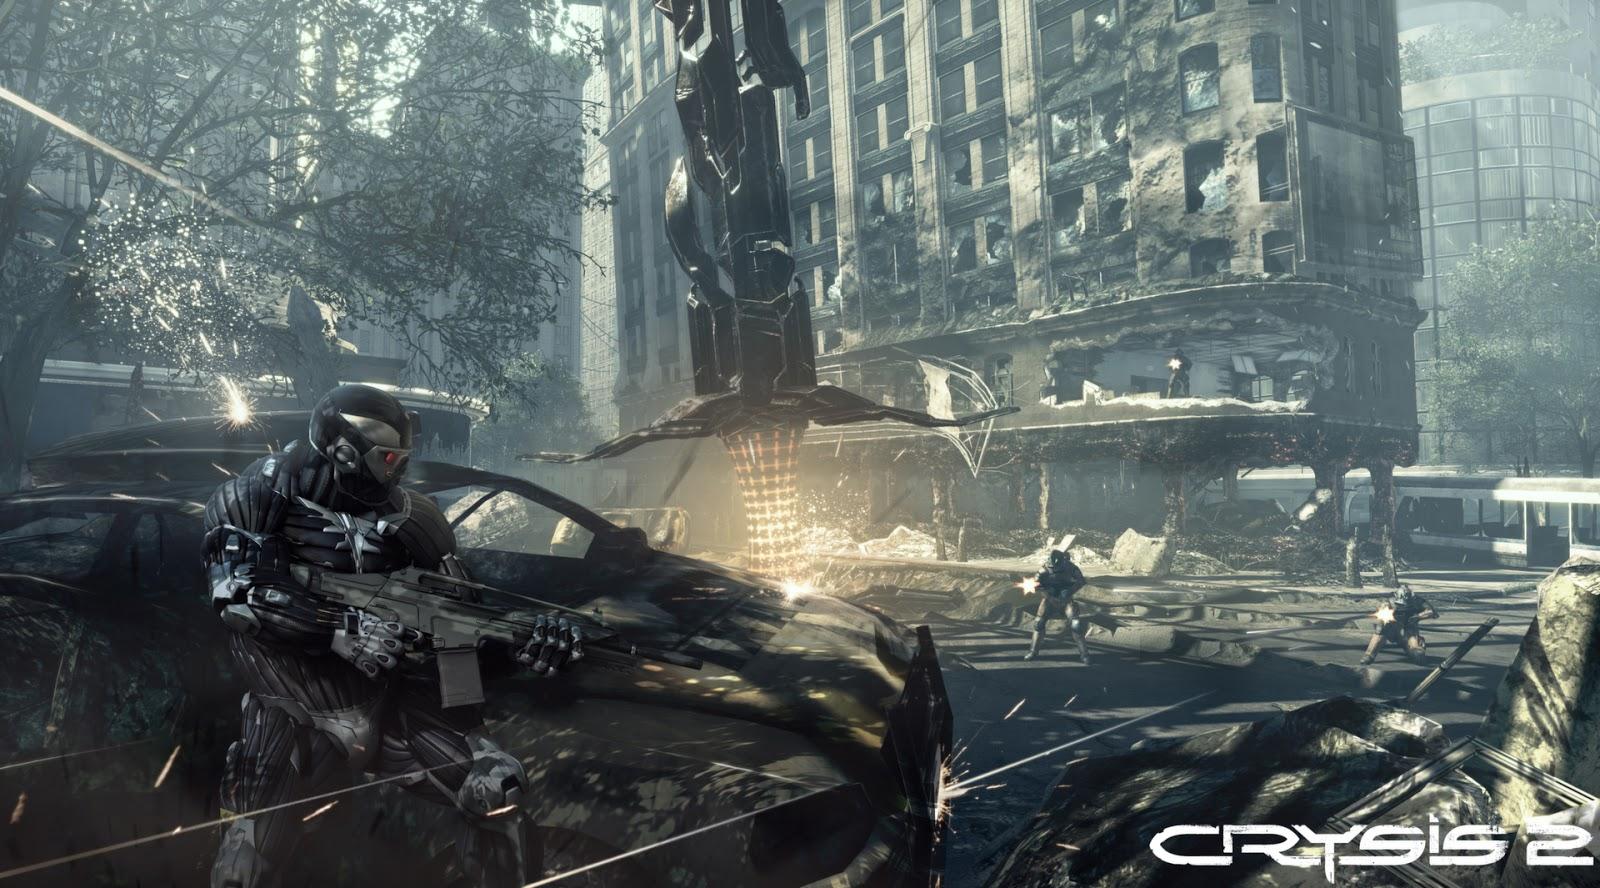 Crysis 2 Maximum Edition PC Full ESPAÑOL REPACK 2 DVD5 (JPW) 3